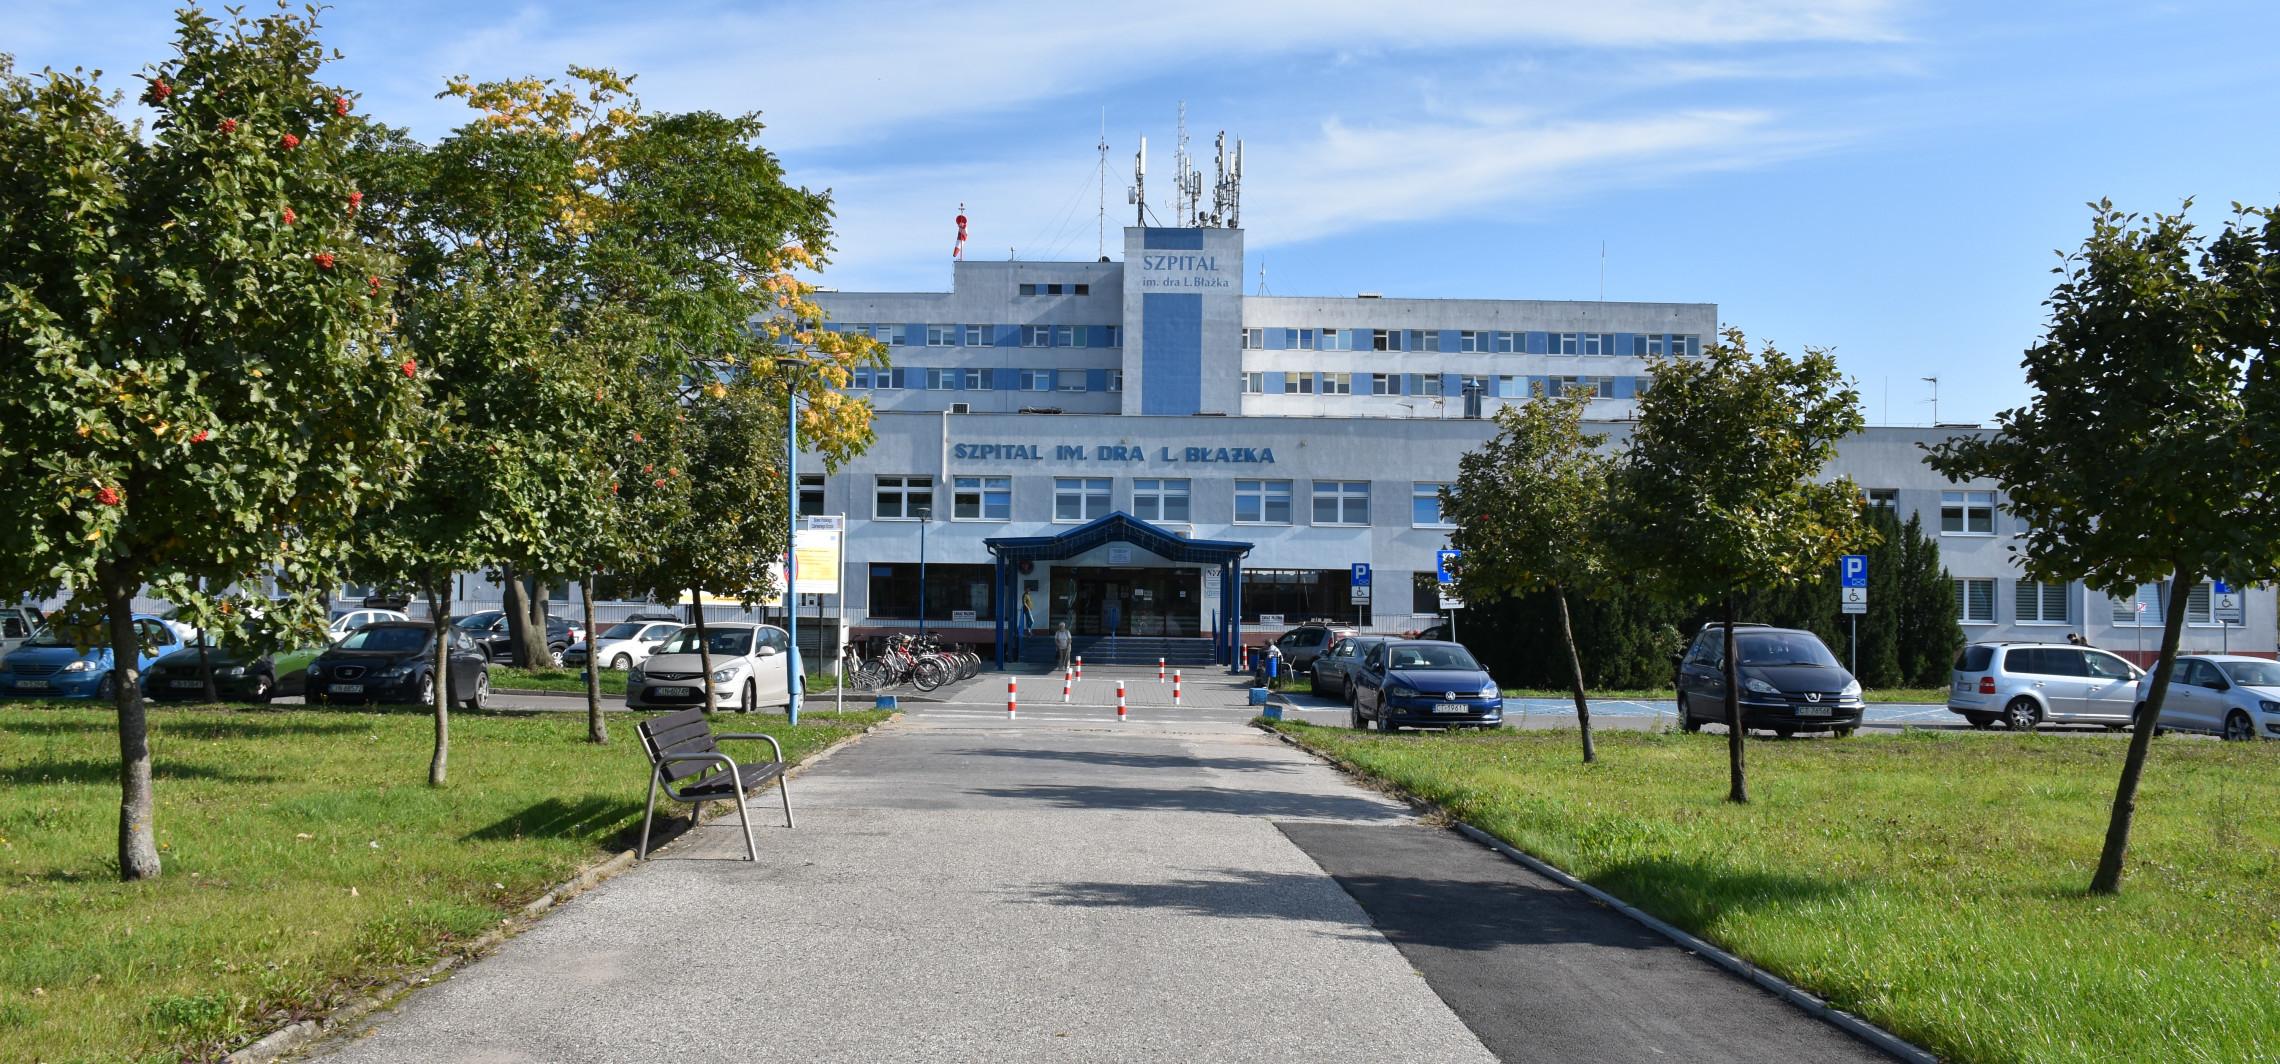 Dzień wolny od pracy w szpitalu w Inowrocławiu